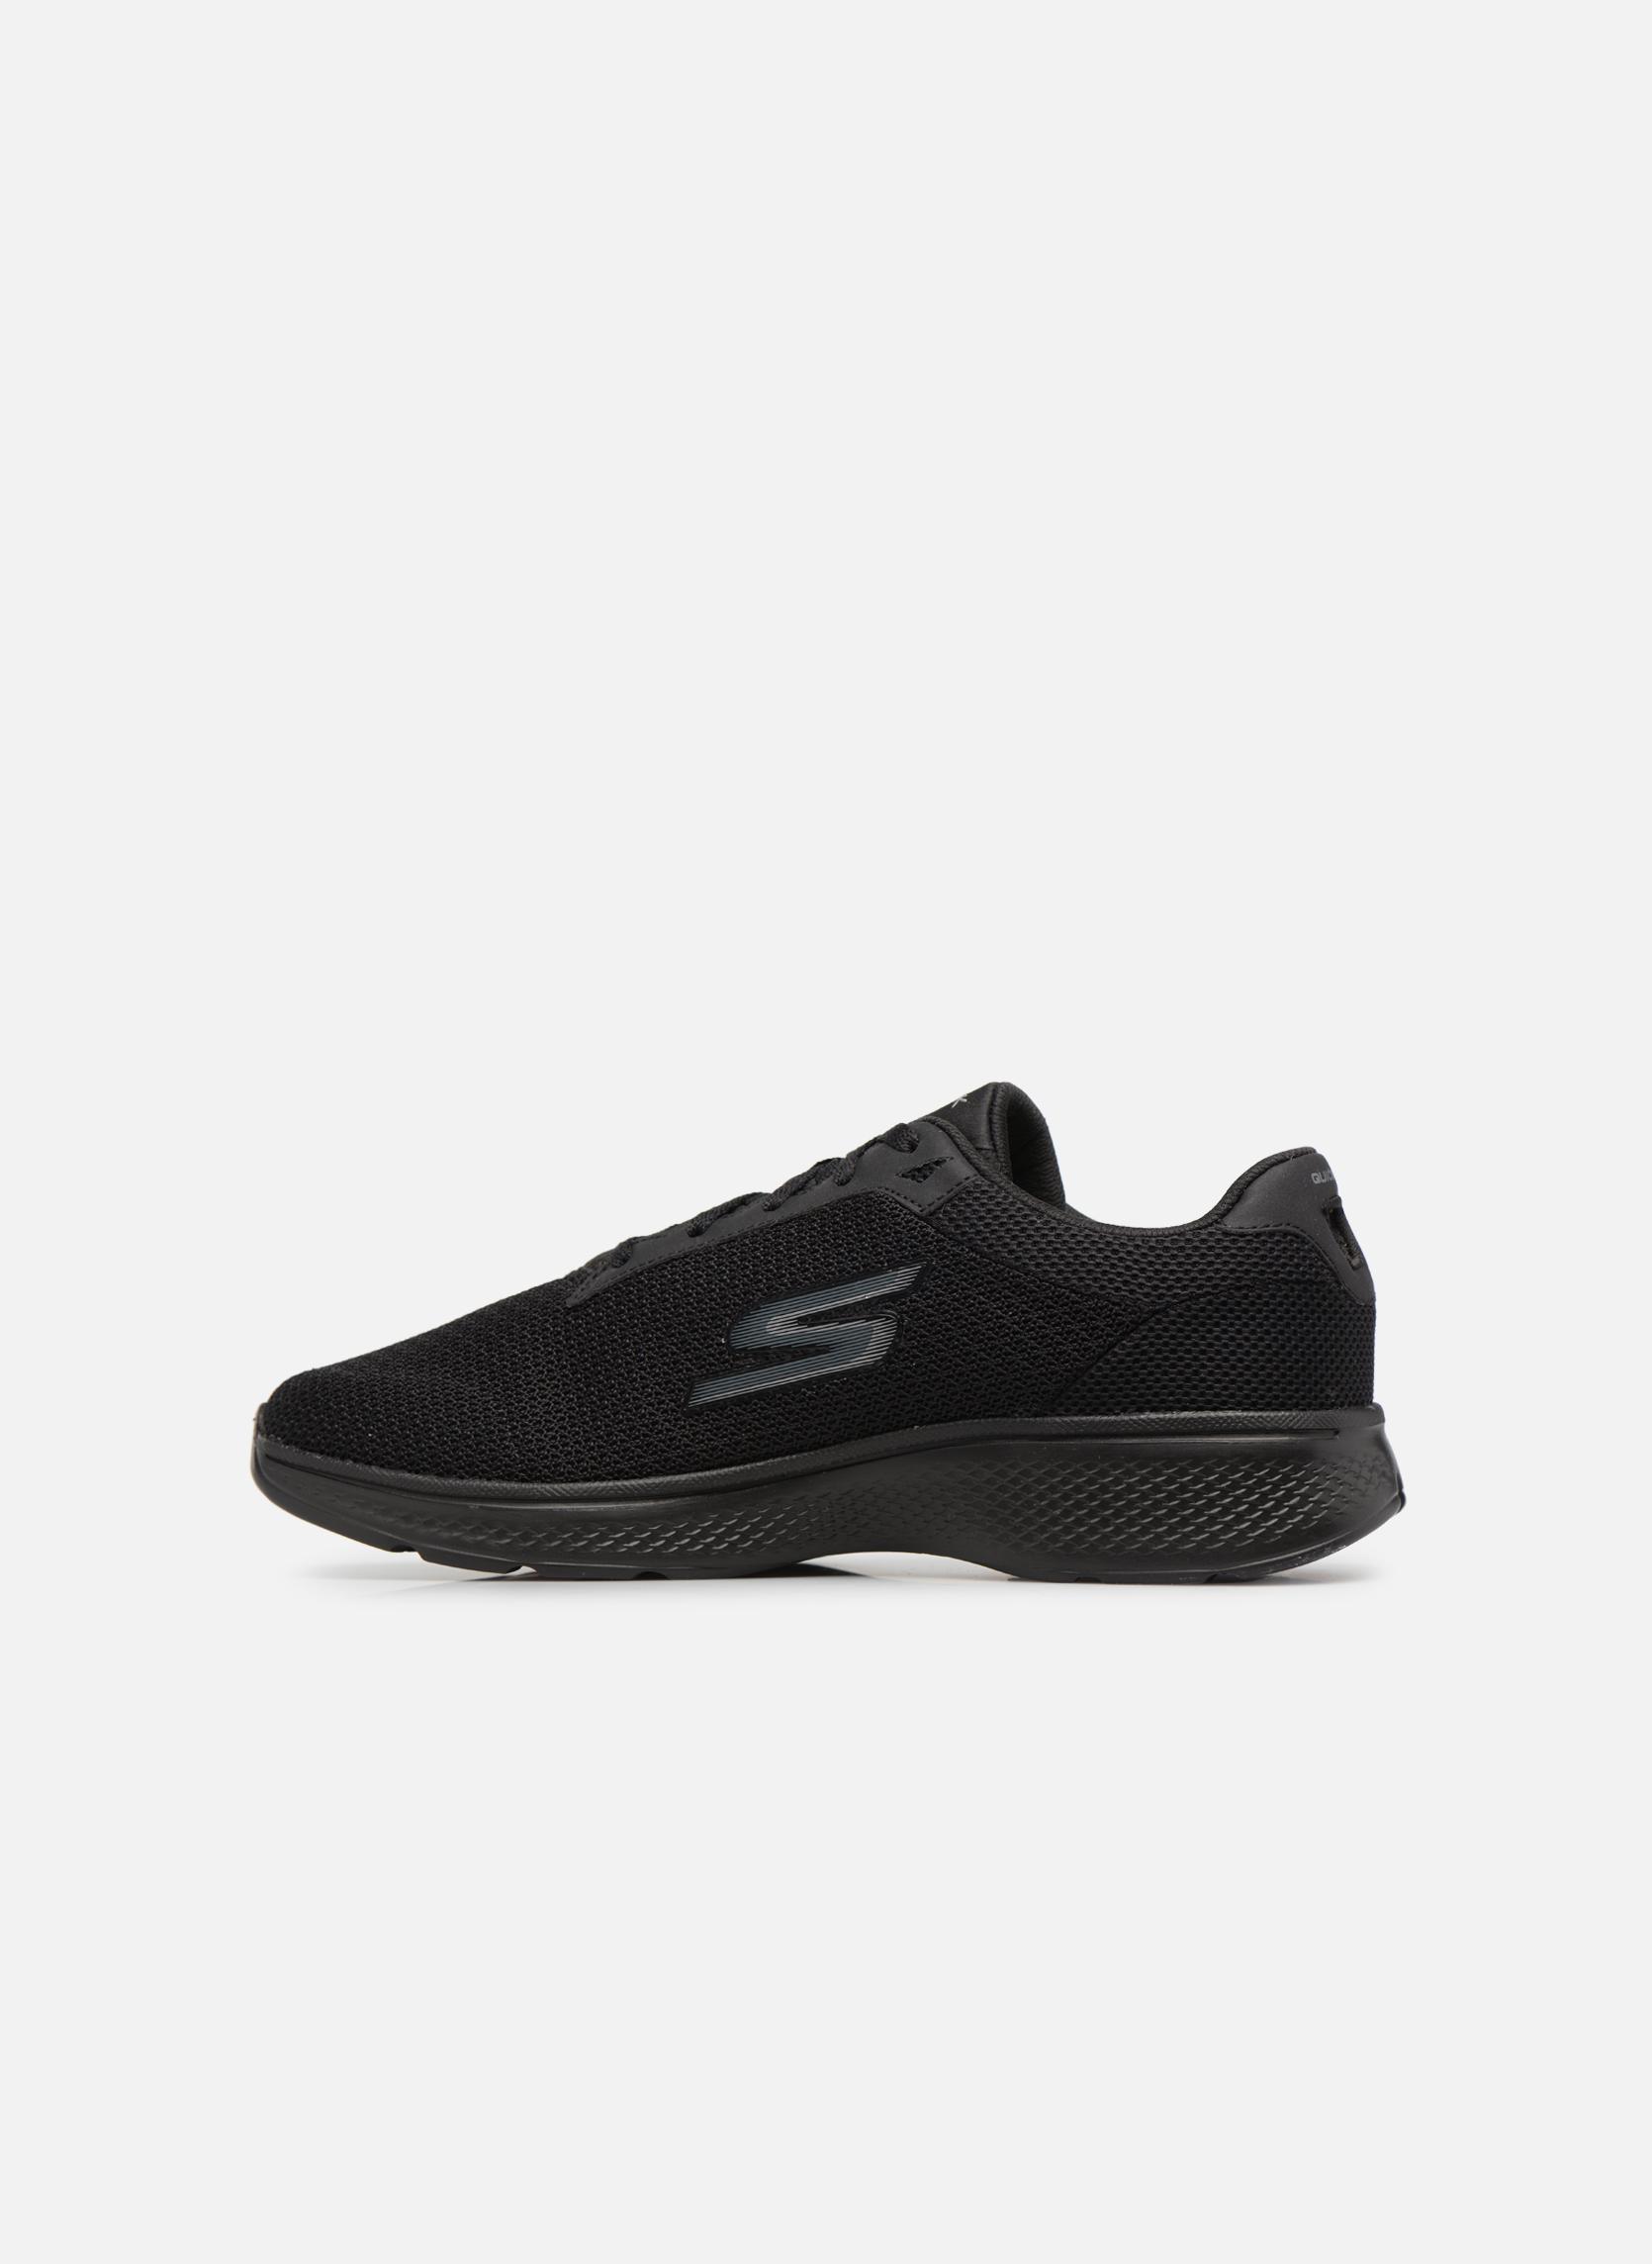 Zapatillas de deporte Skechers Go Walk 4 H Negro vista de frente